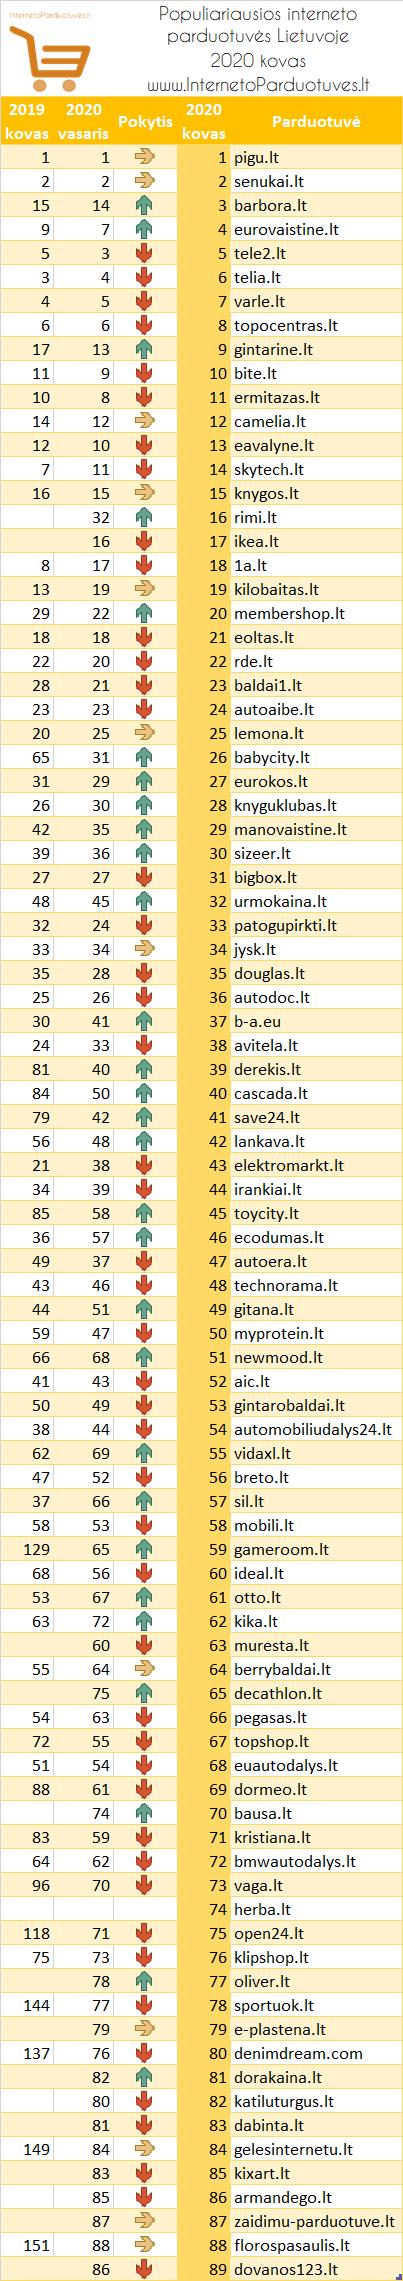 2020 kovo populiariausios interneto parduotuvės Lietuvoje